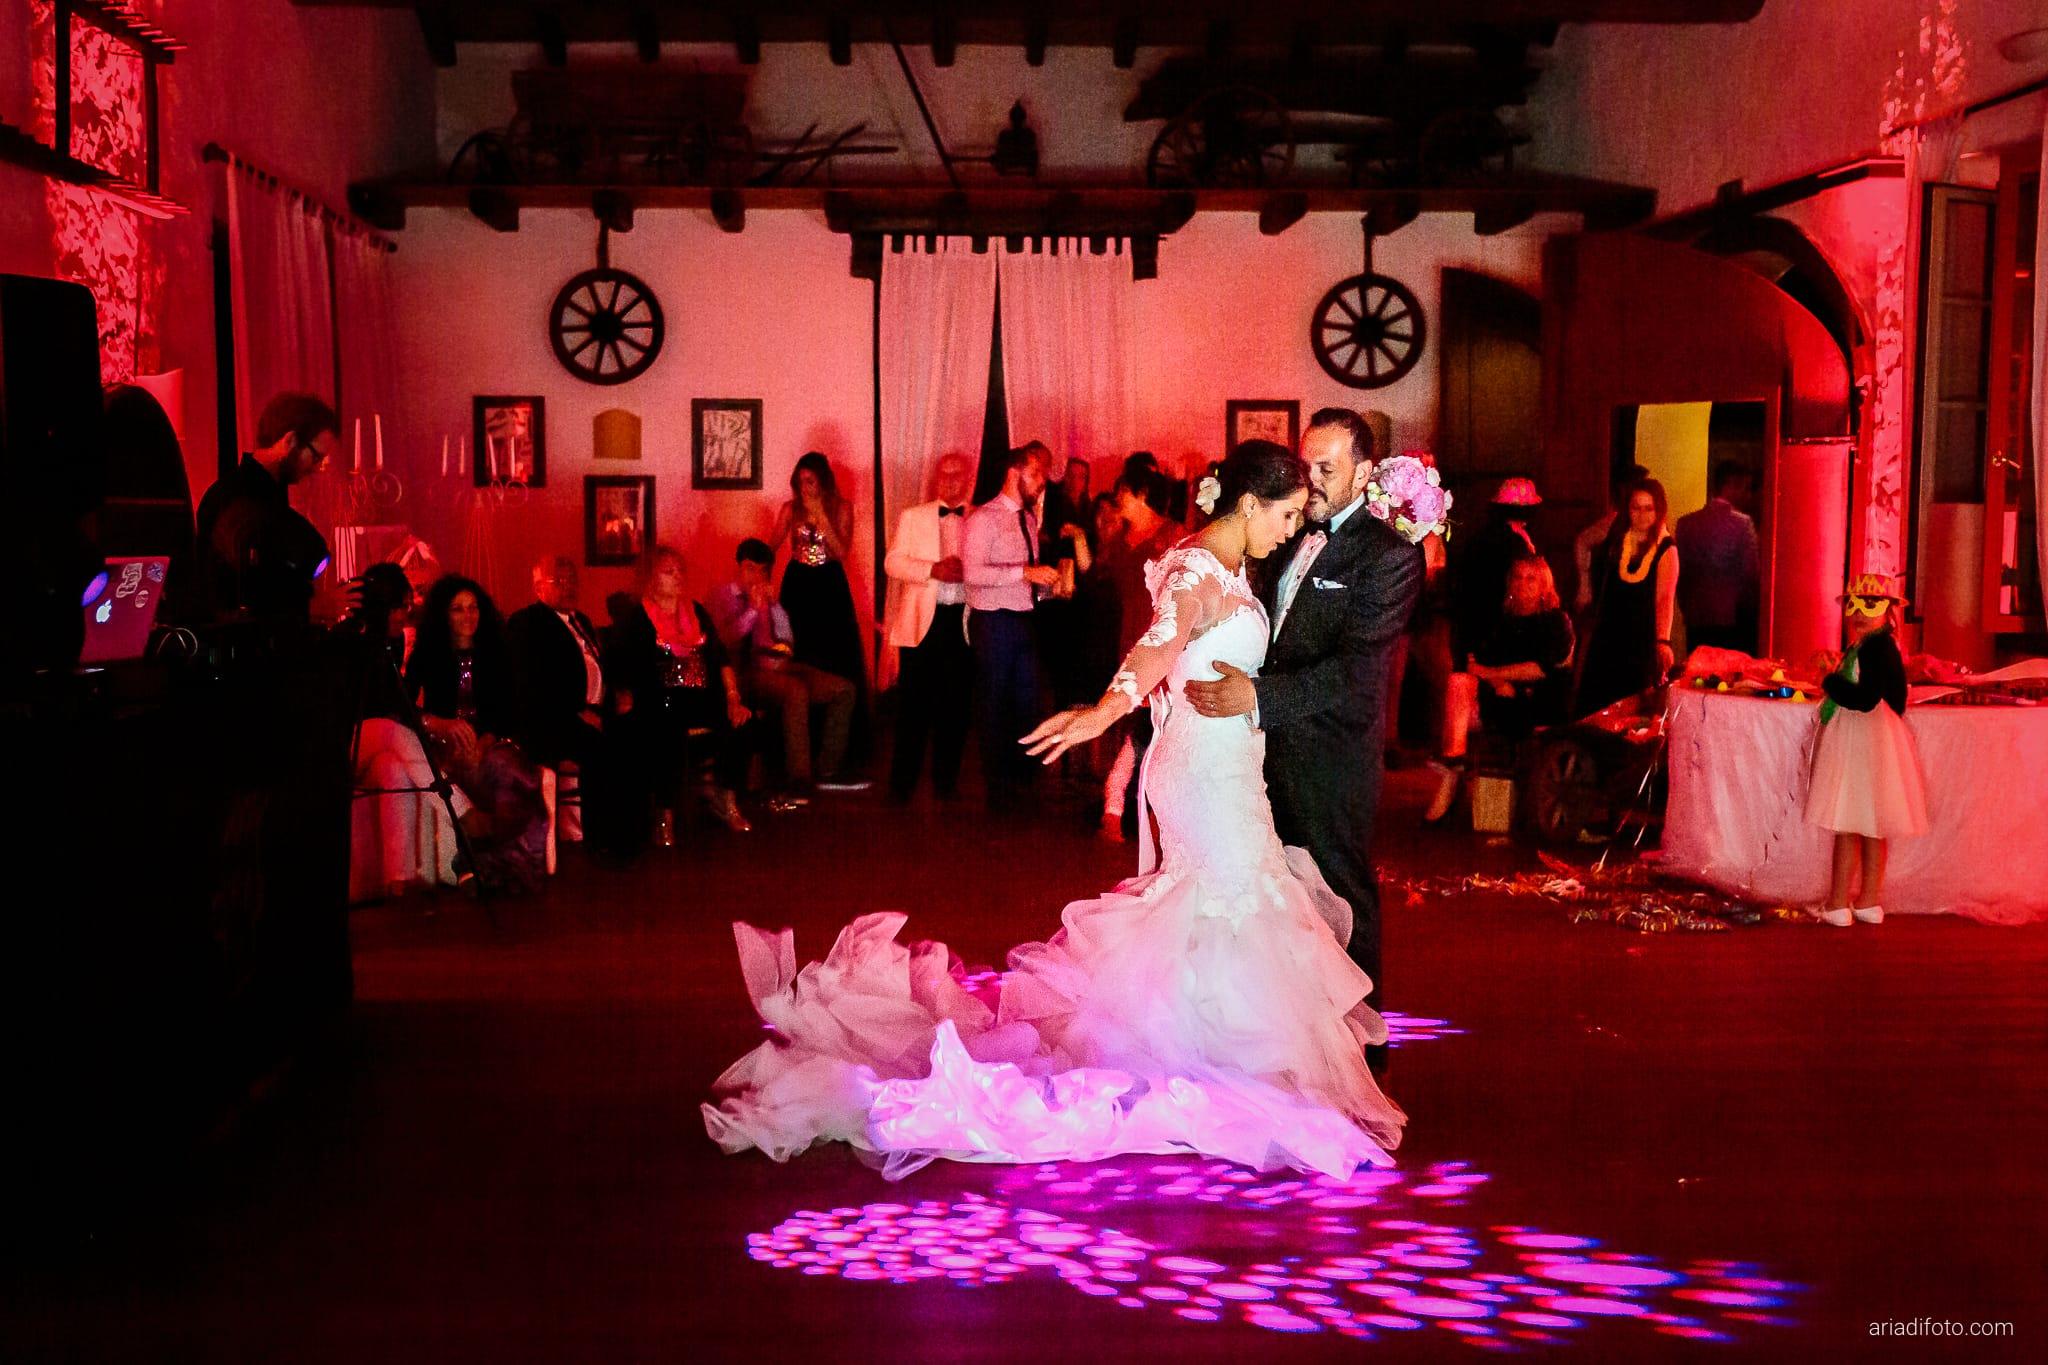 Sofia Mario Matrimonio Baronesse Tacco Collio Gorizia ricevimento festa primo ballo